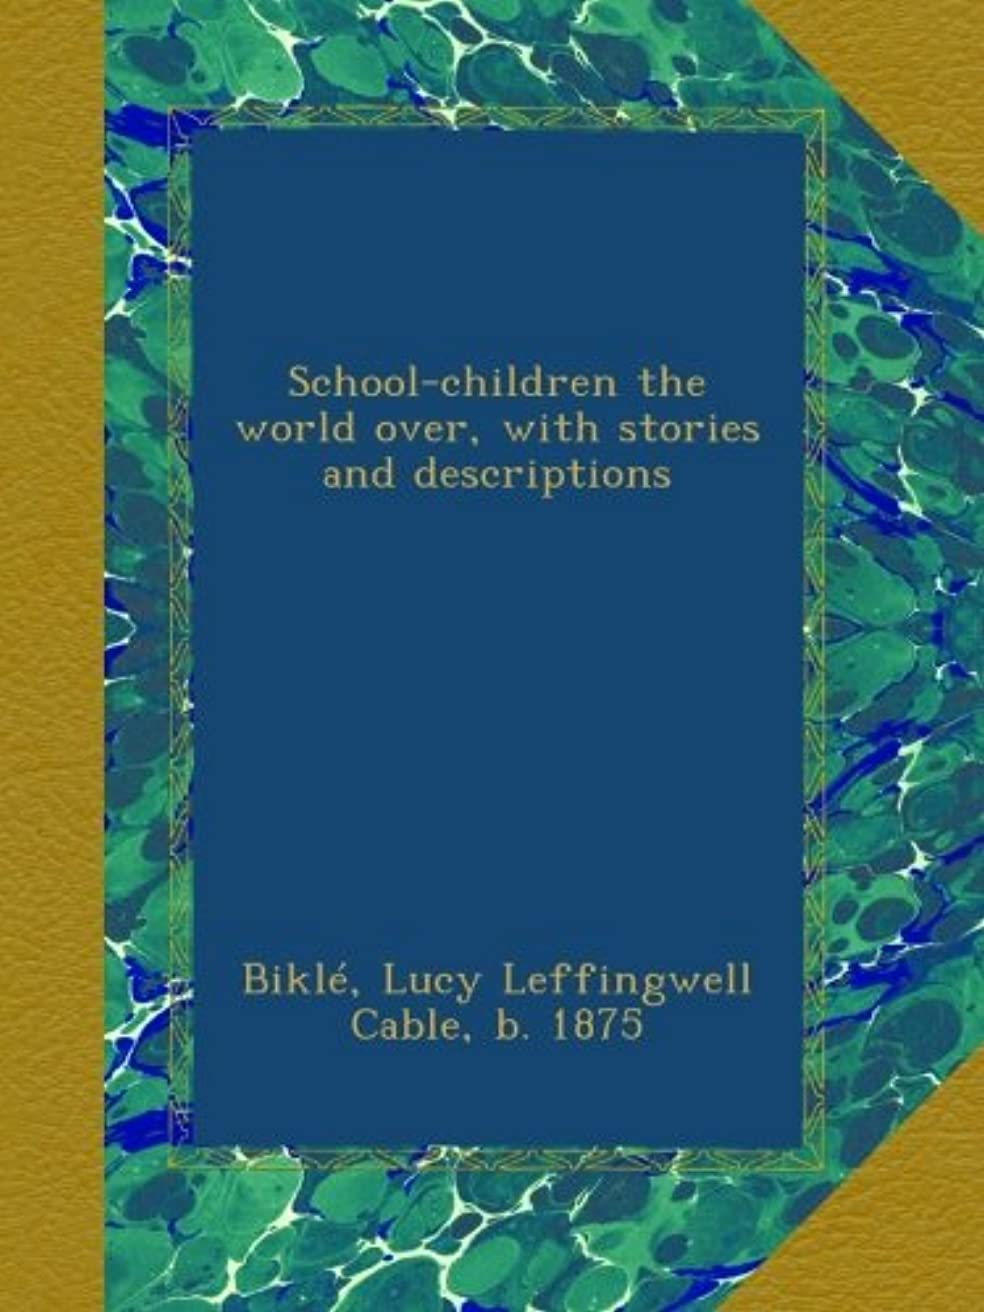 森思いつく俳句School-children the world over, with stories and descriptions